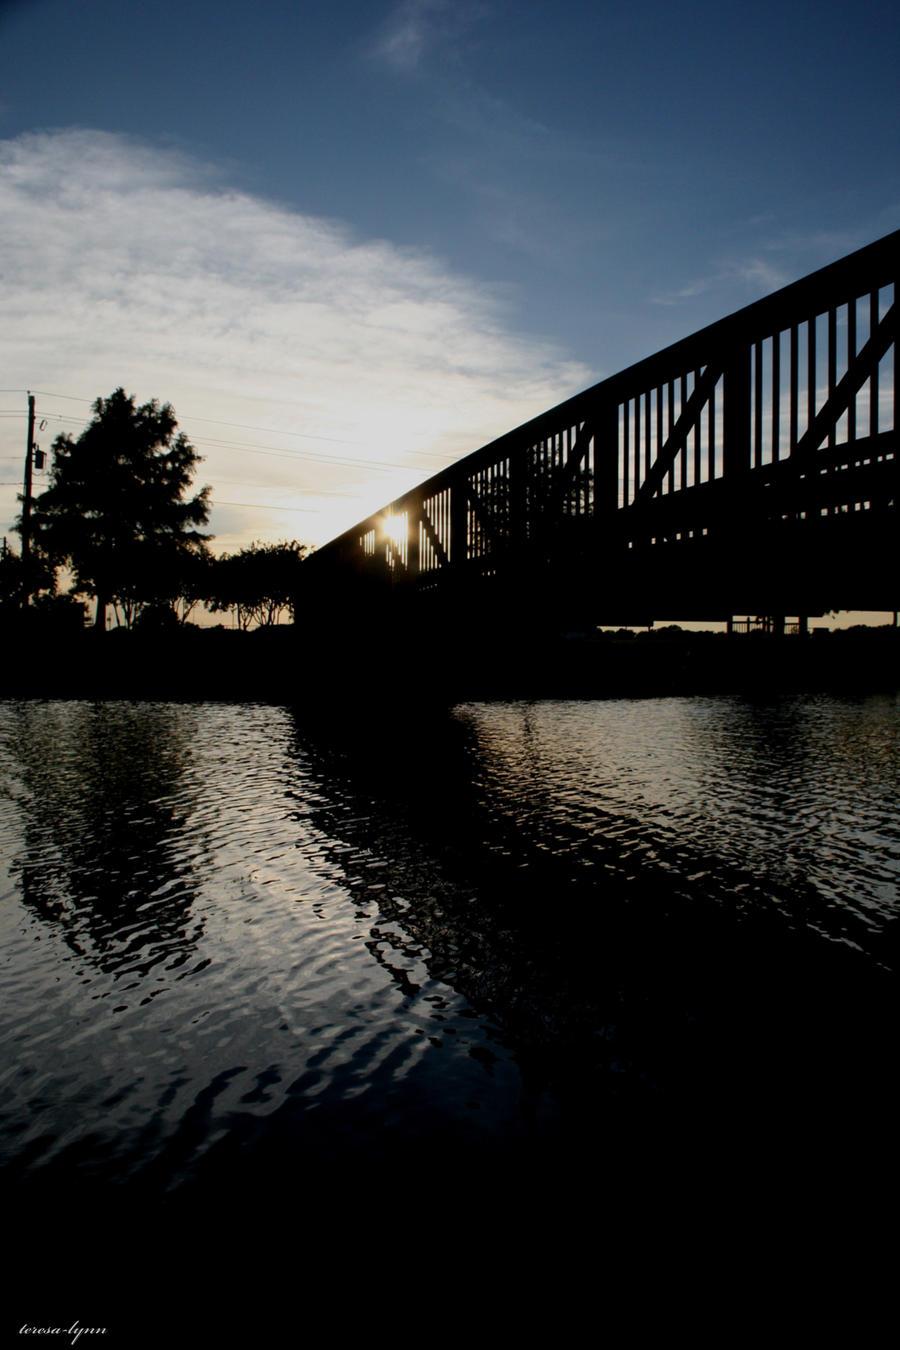 Bridge by teresa-lynn